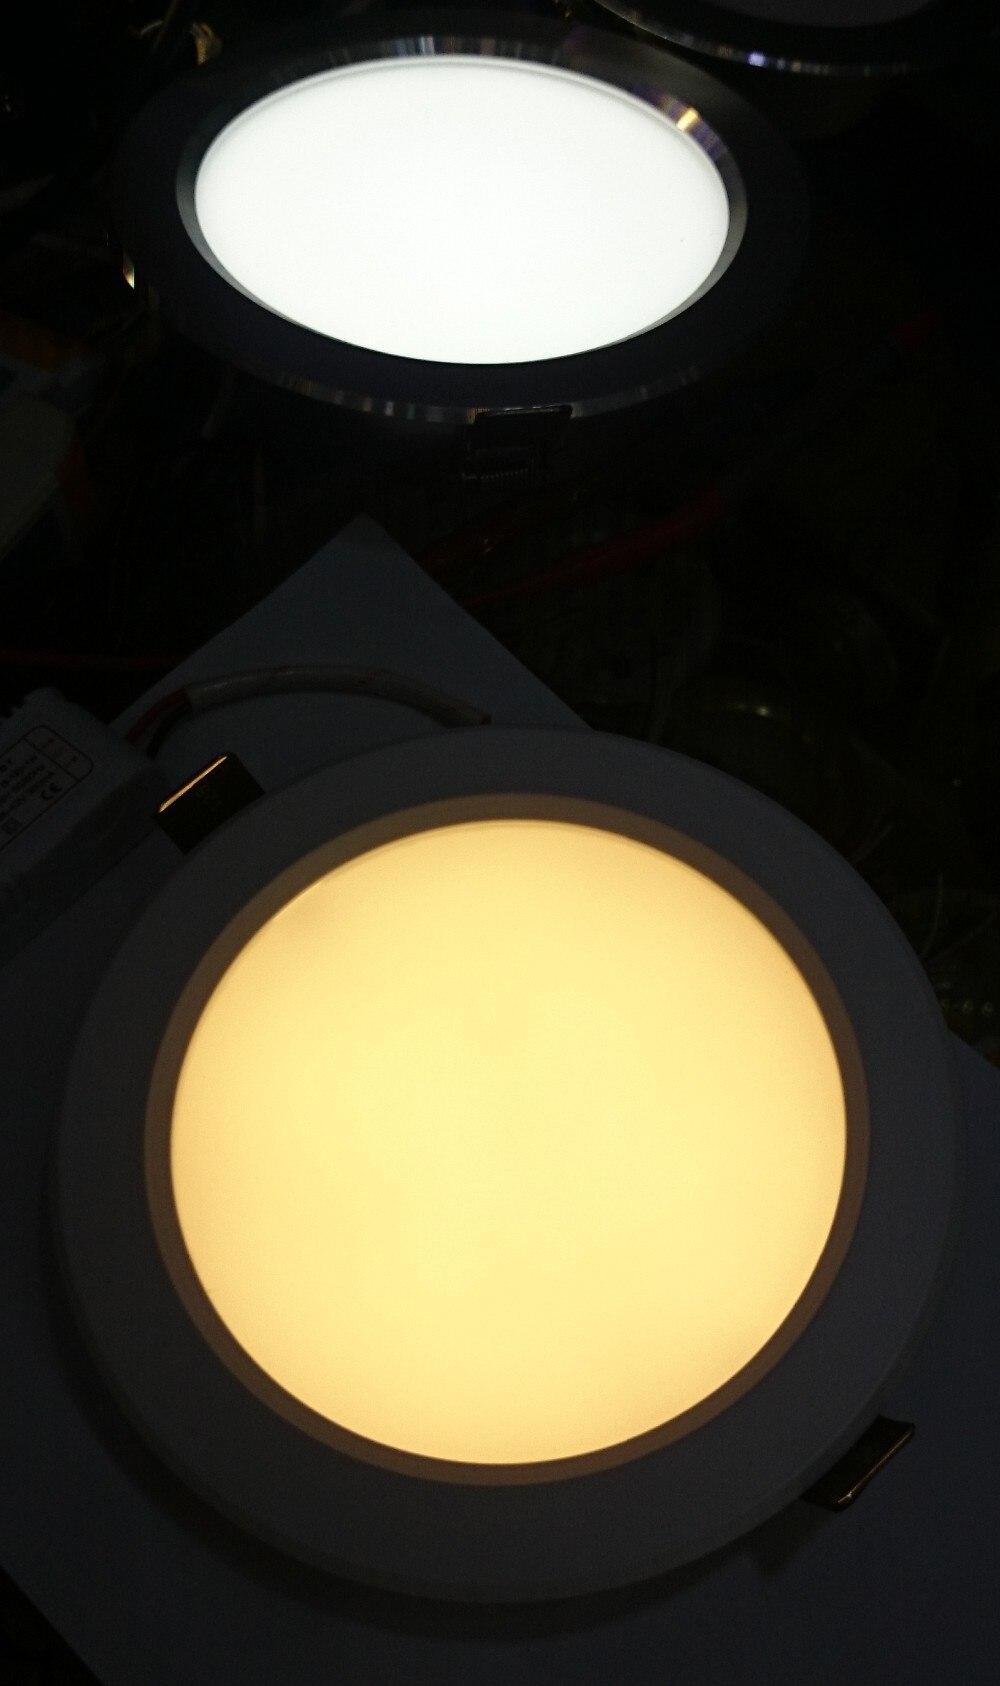 IPROLED IOS Android 12W CCT Dimmable WIFI Contorl LED - LED լուսավորություն - Լուսանկար 2